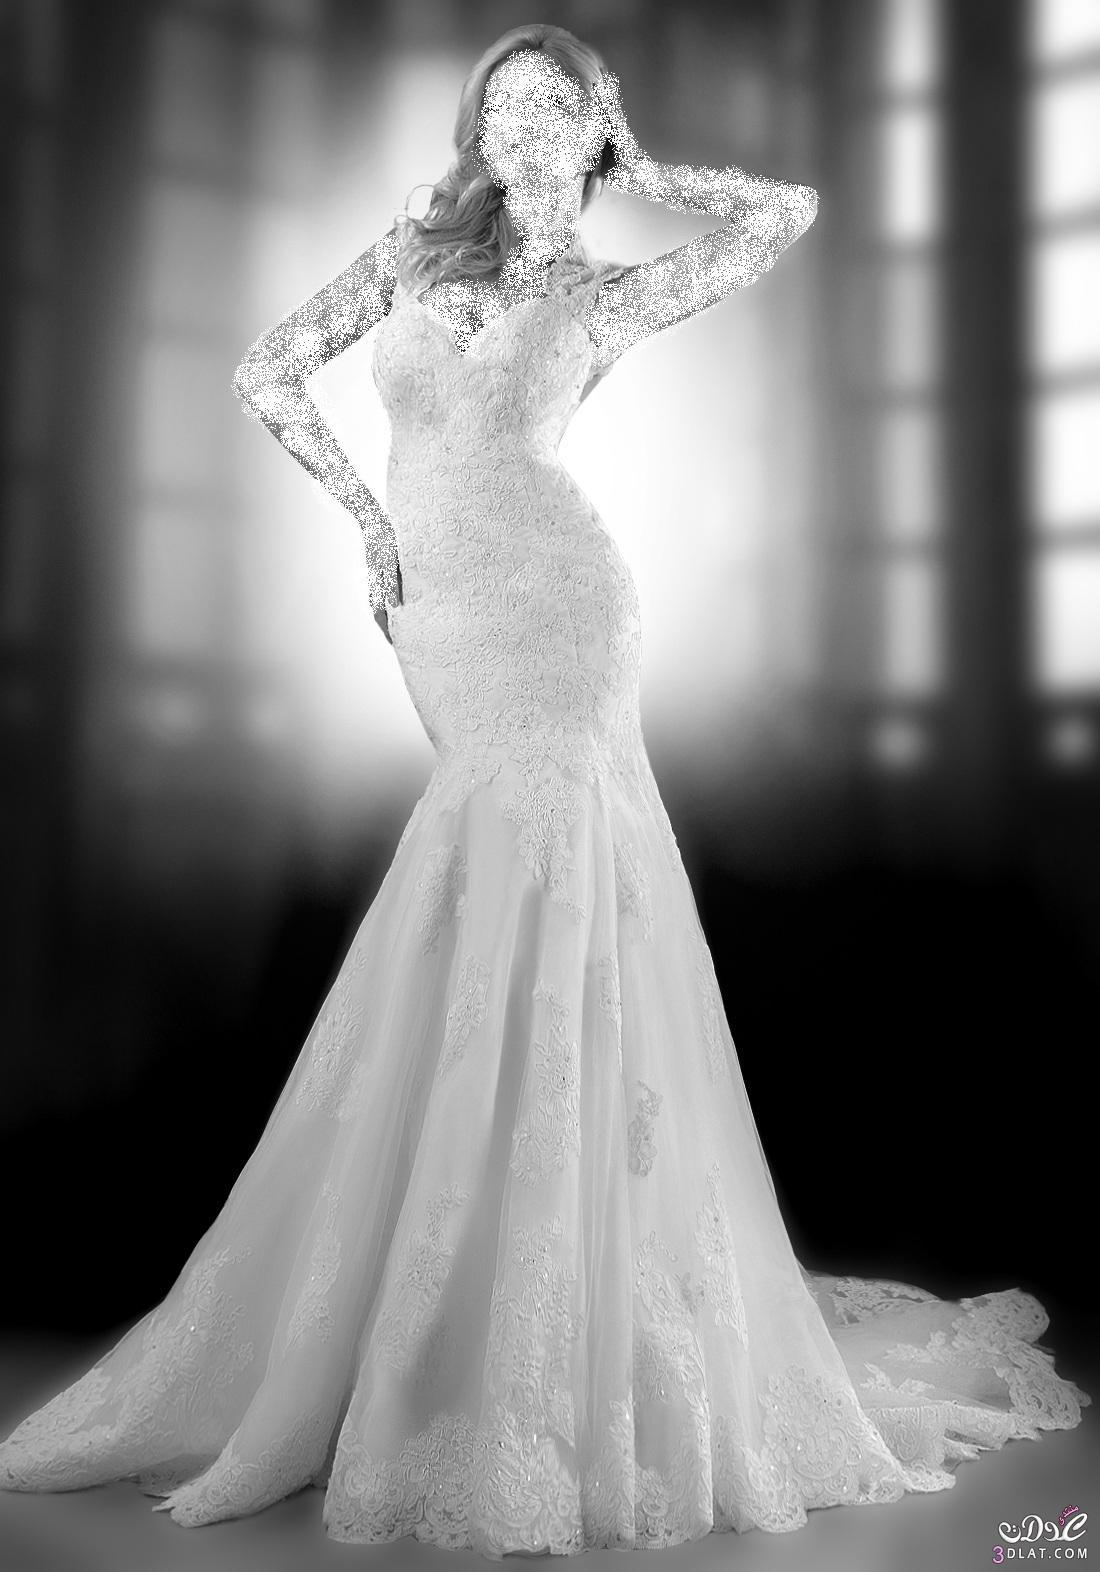 فساتين زفاف قمة الرقة و البساطة ، أجمل فساتين الزفاف لعروس أنيقة و جميلة